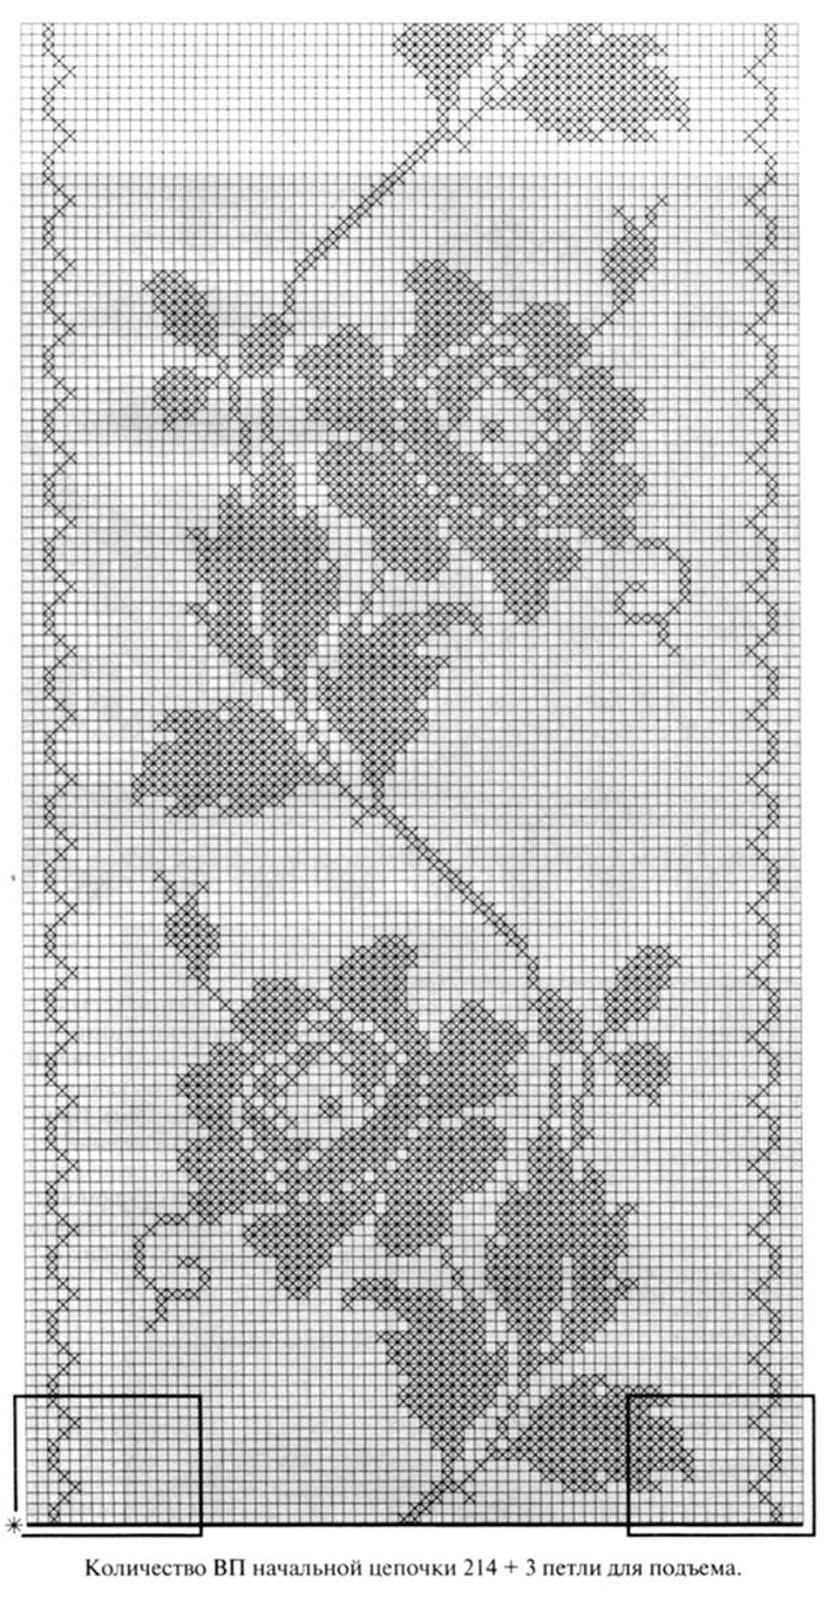 Sugestões de Presentes, trabalhos em crochê e dicas para a mulher atual,que trabalha, cuida da casa,da familia e ainda tem tempo para fazer crochê.